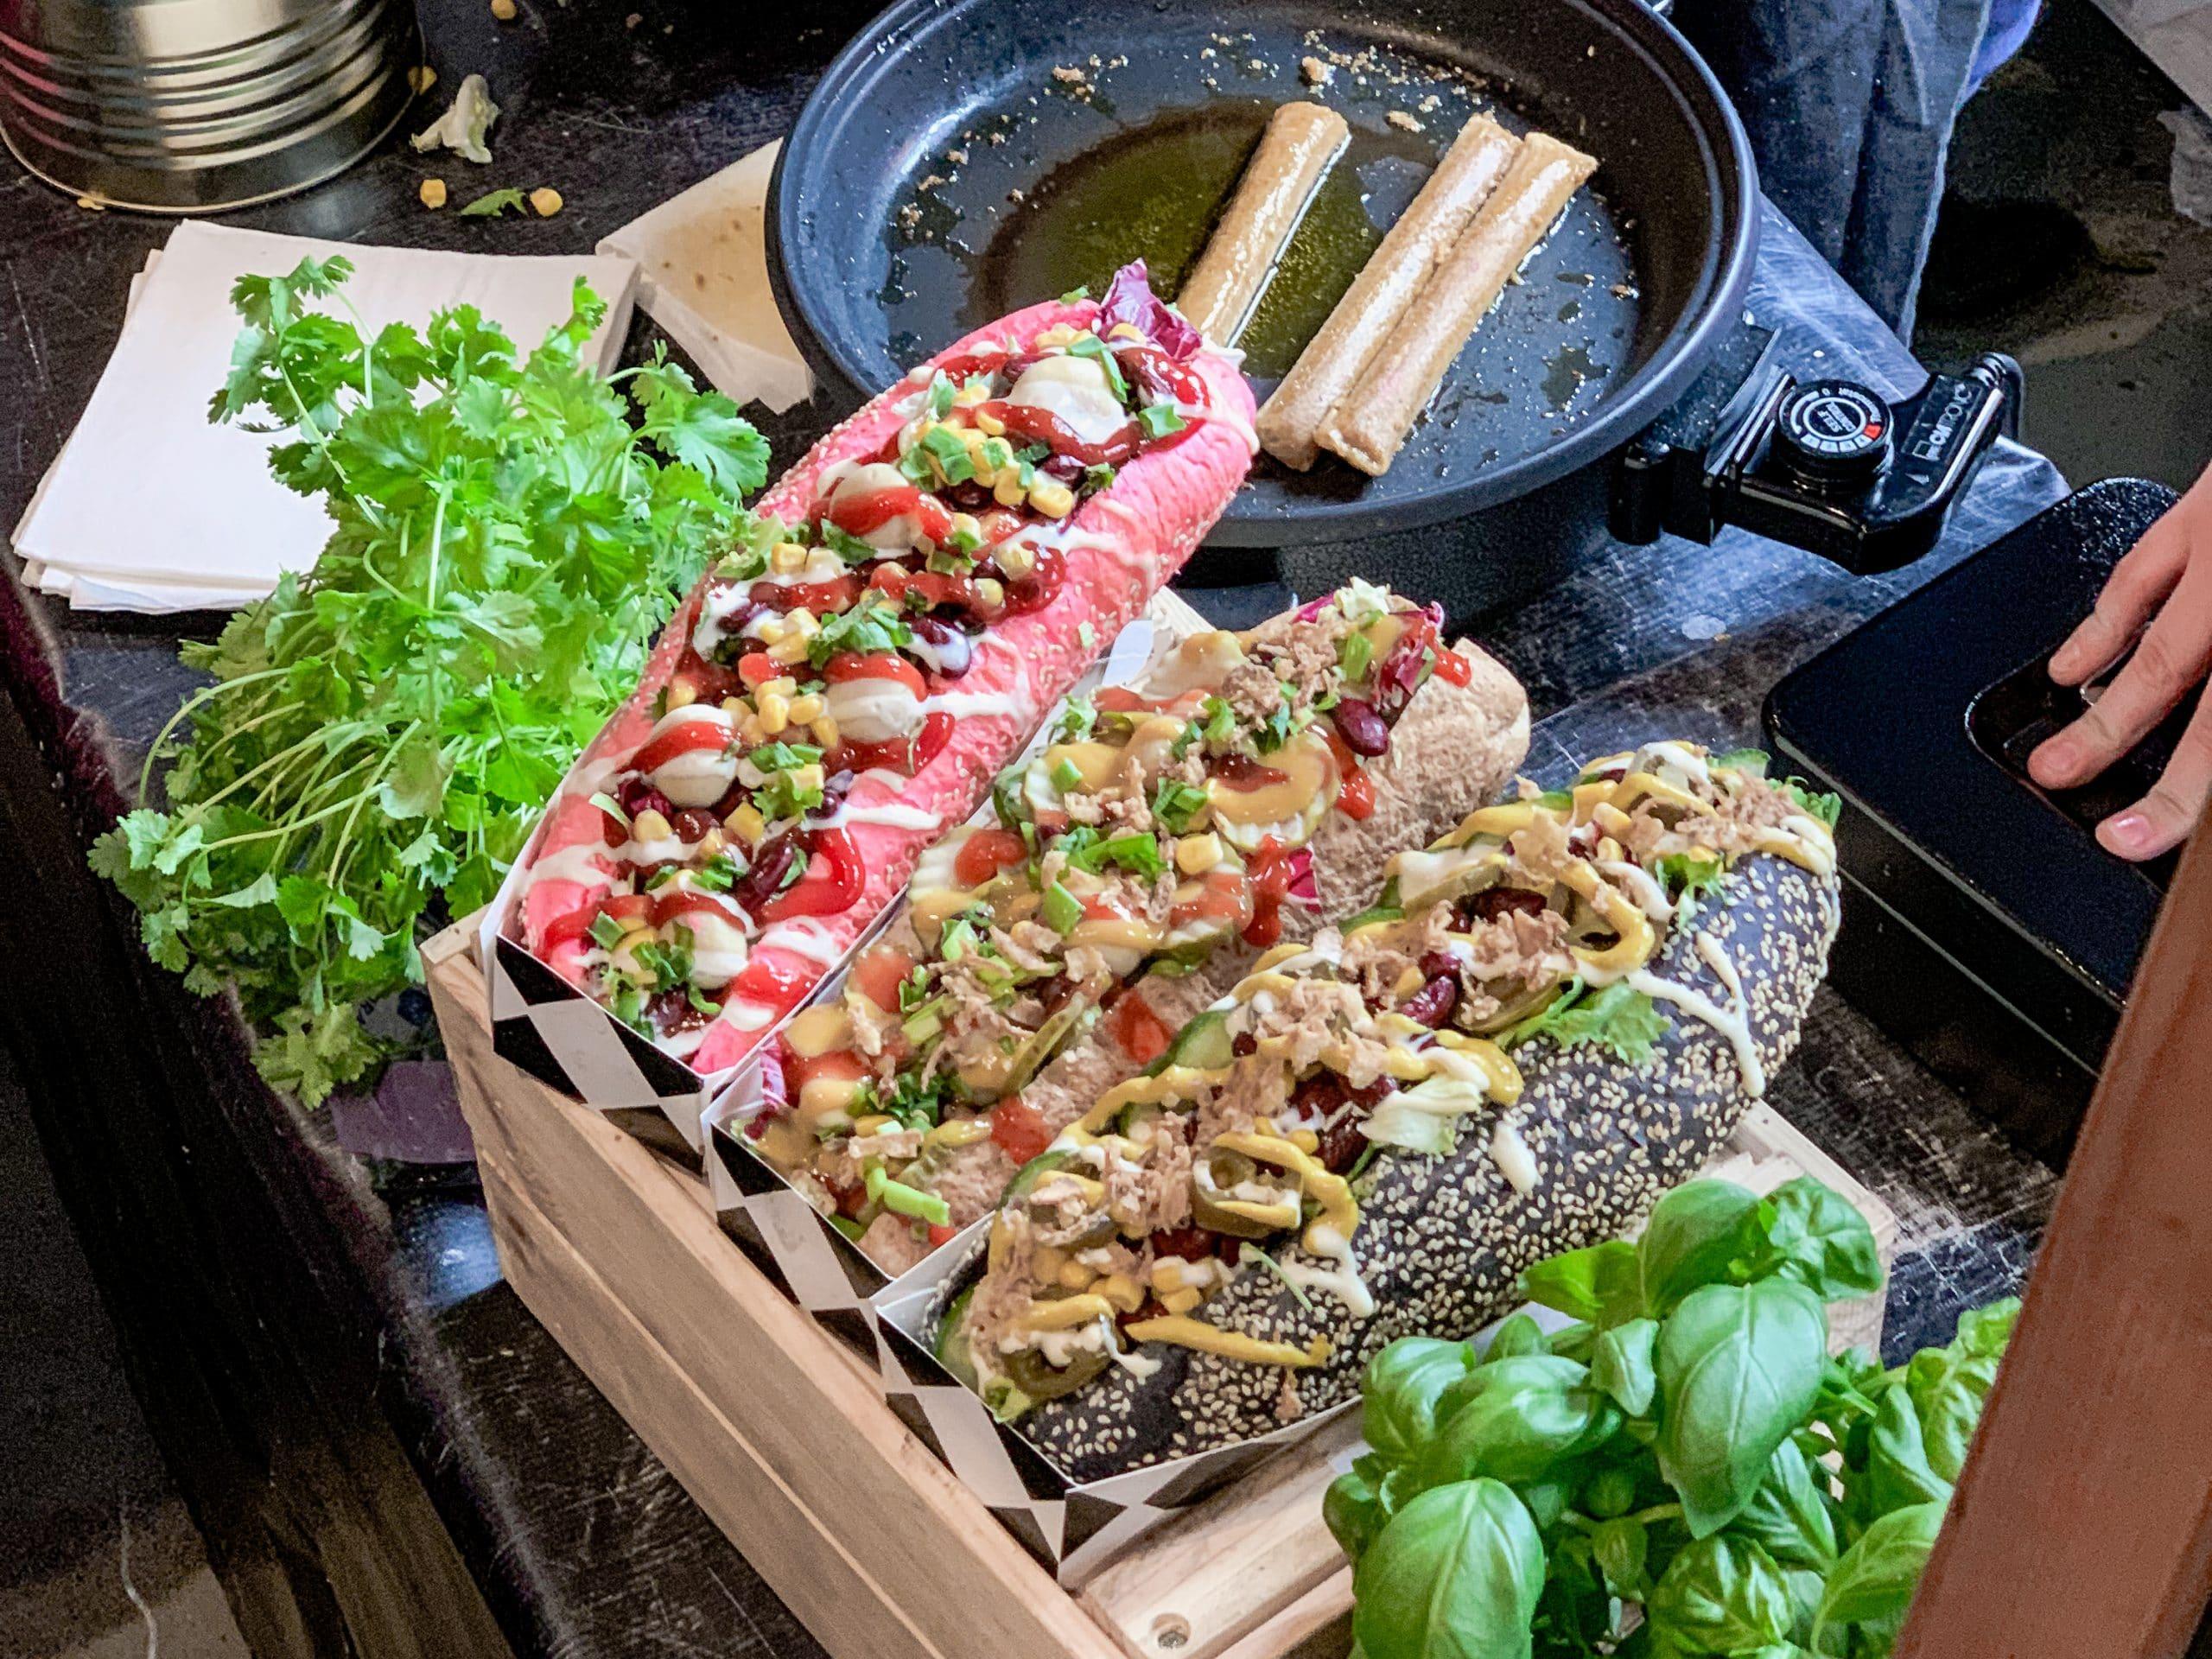 Lodz Top Ten Sehenswürdigkeiten - Highlights für euren Städtetrip in Polen - Vegetarien Food Festival